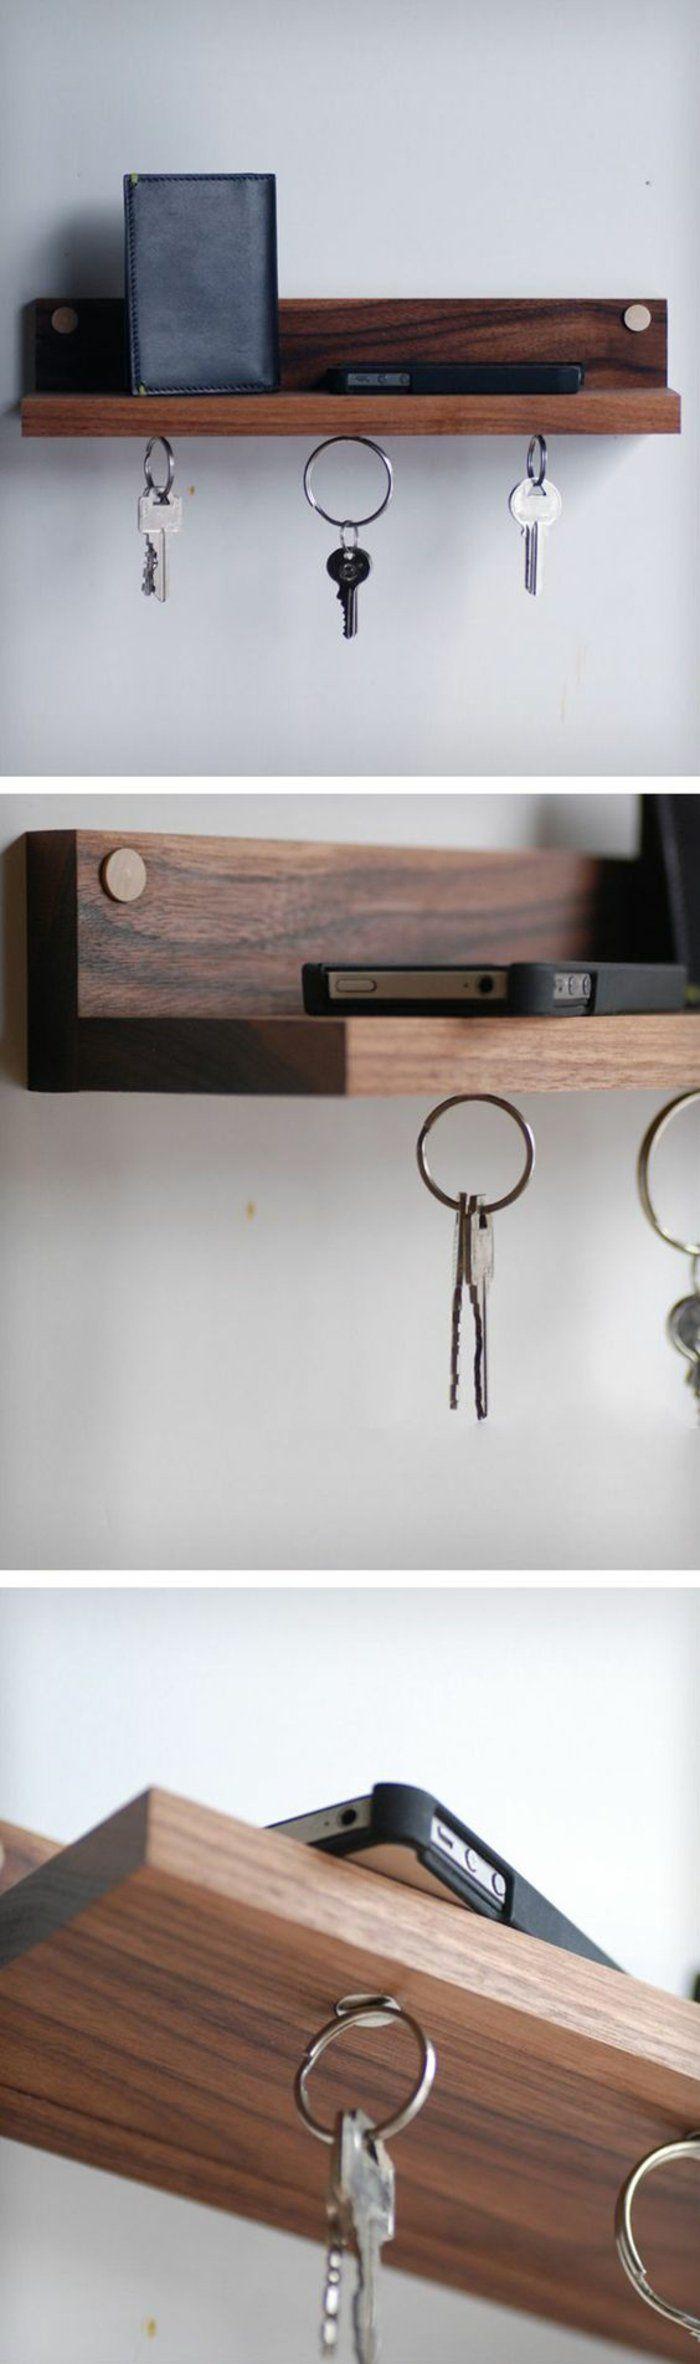 6 reagl bauen aus holz magnet schlüssel handy geldbäutel flur kreative idee